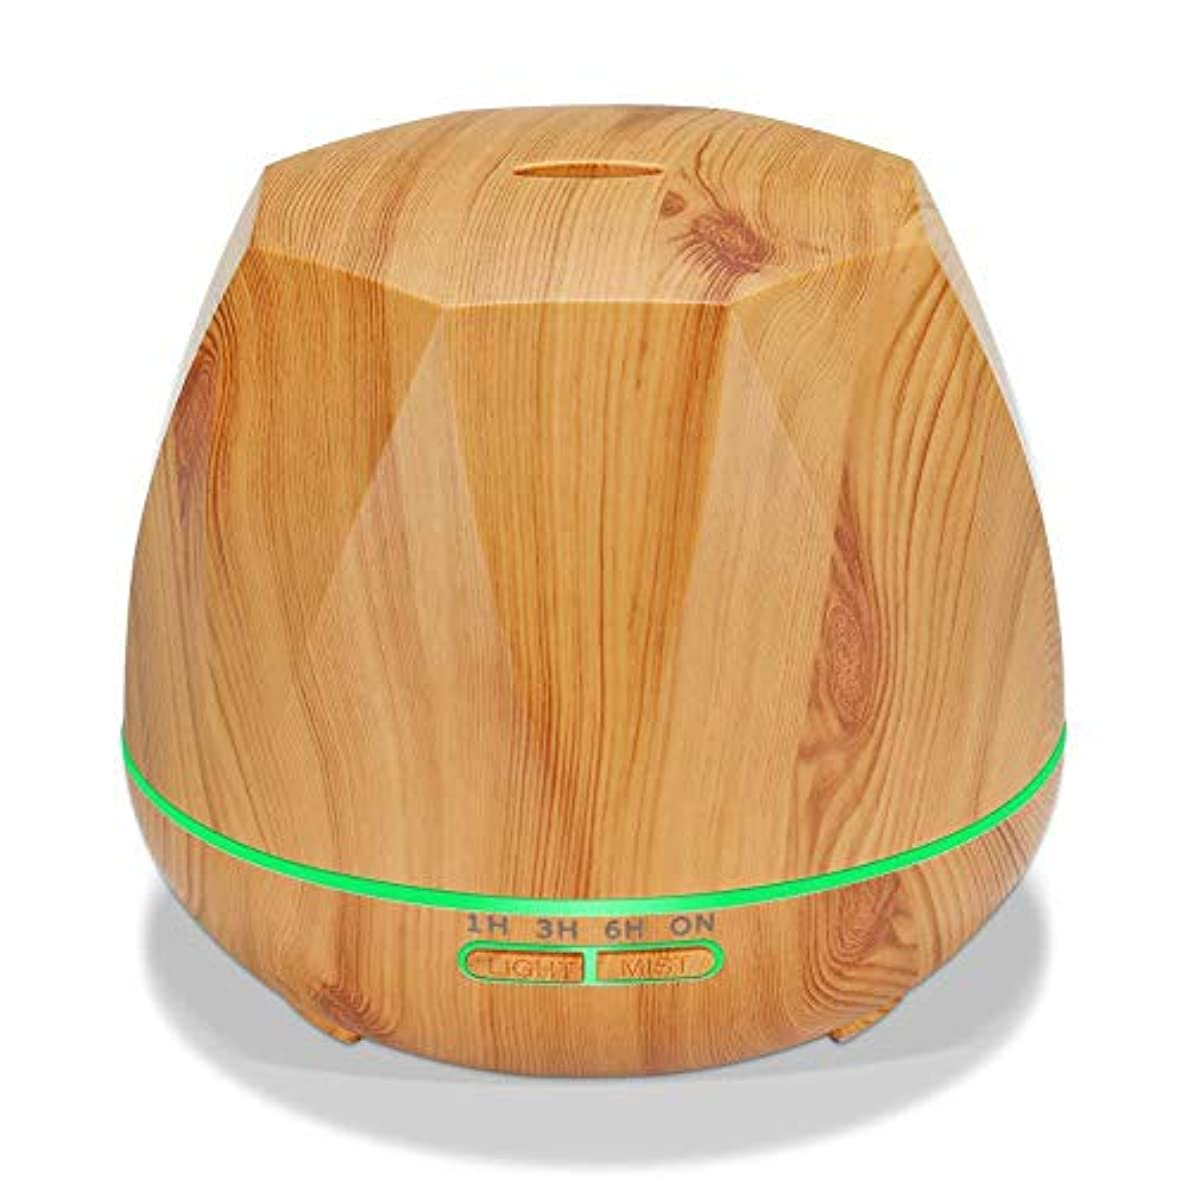 活気づける程度落ち着いた木目 涼しい霧 加湿器,7 色 空気を浄化 加湿機 時間 デスクトップ 精油 ディフューザー アロマネブライザー Yoga ベッド 寮- 300ml